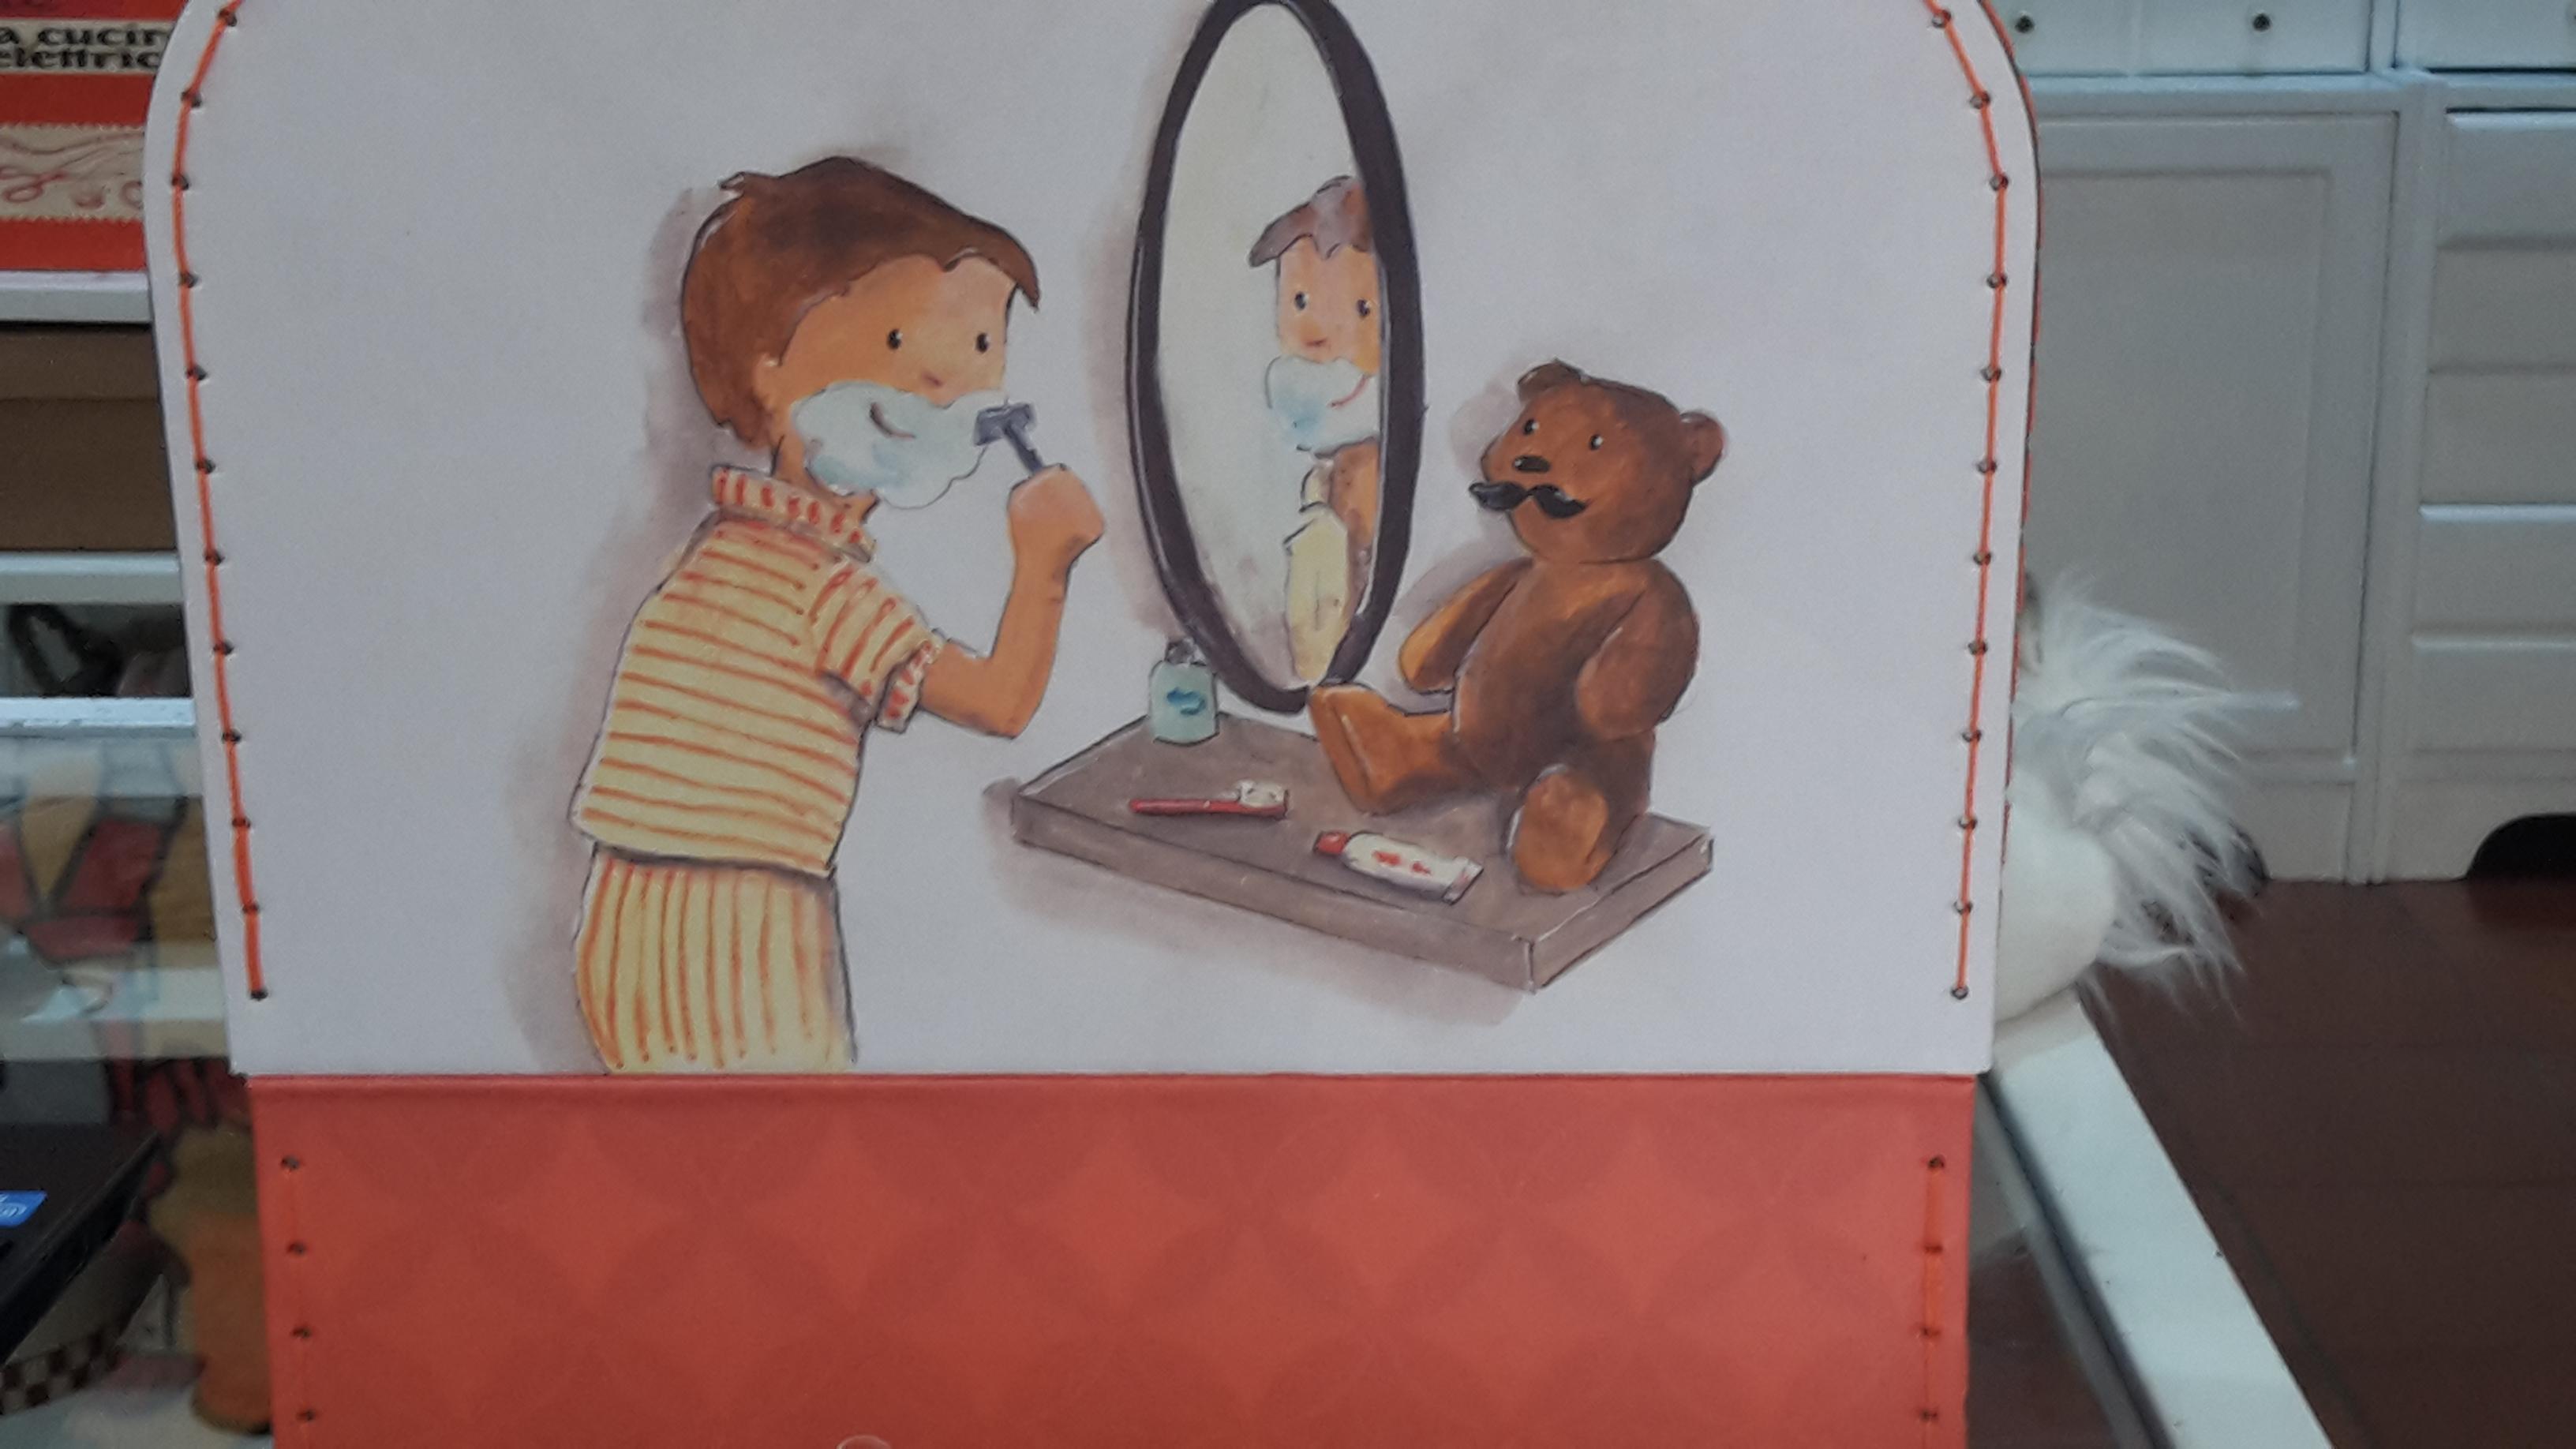 Le Bilù negozio a Firenze di giocattoli di una volta